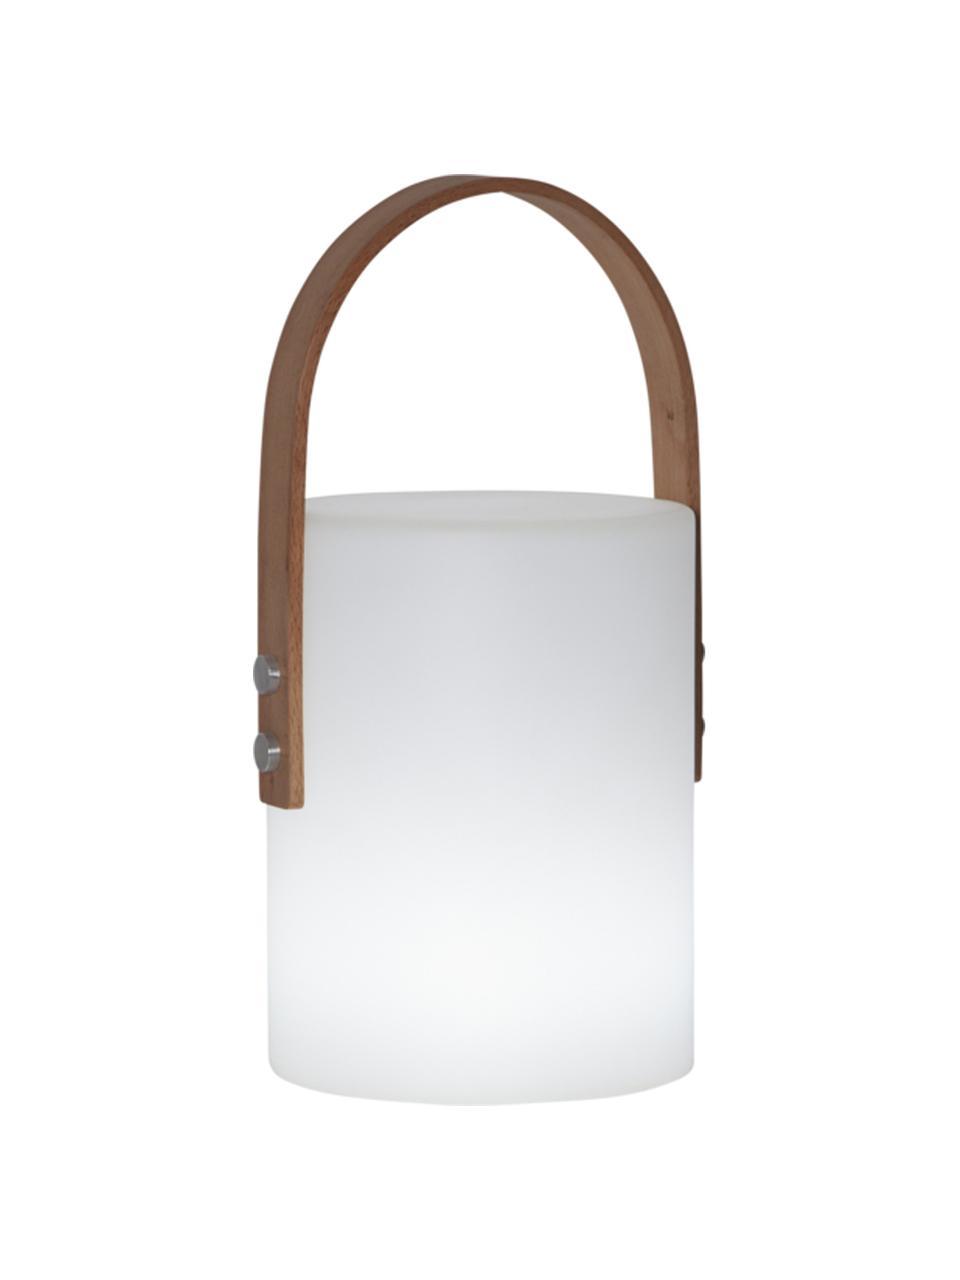 Přenosná stmívatelná venkovní stolní lampa Lucie, Bílá, dřevo